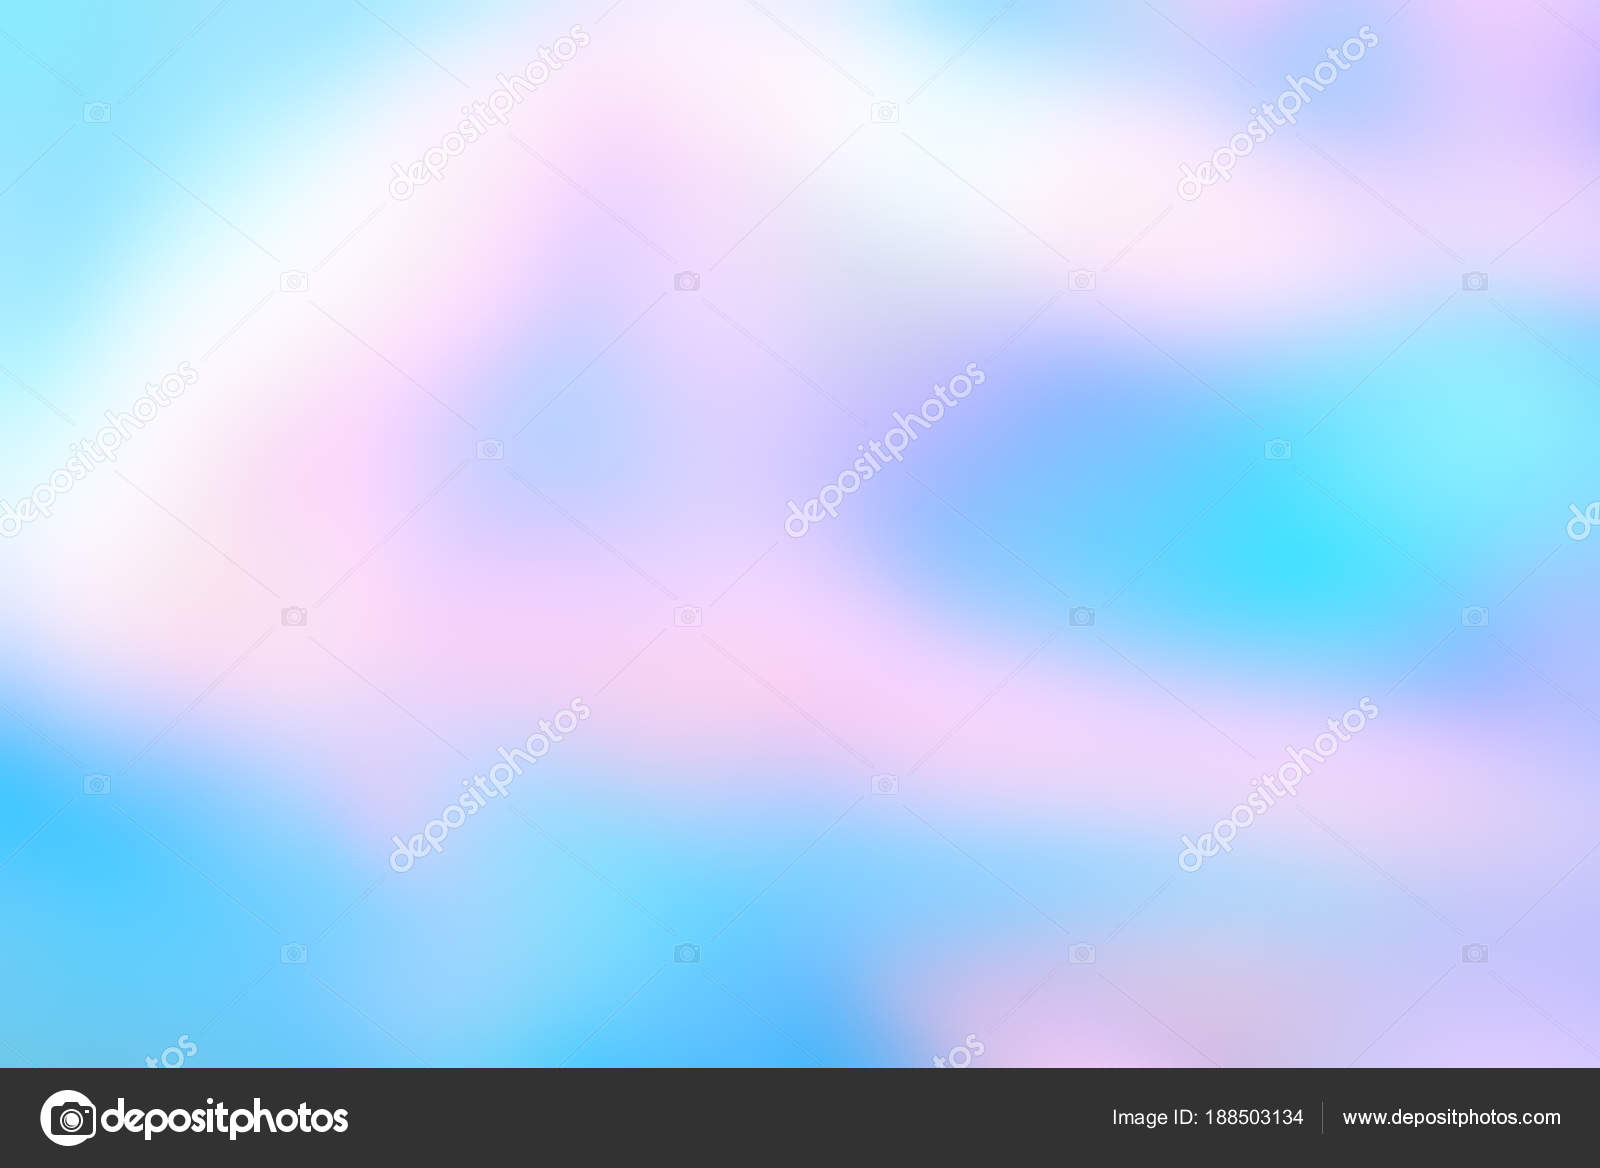 Sfondi colorati sfumati chiari